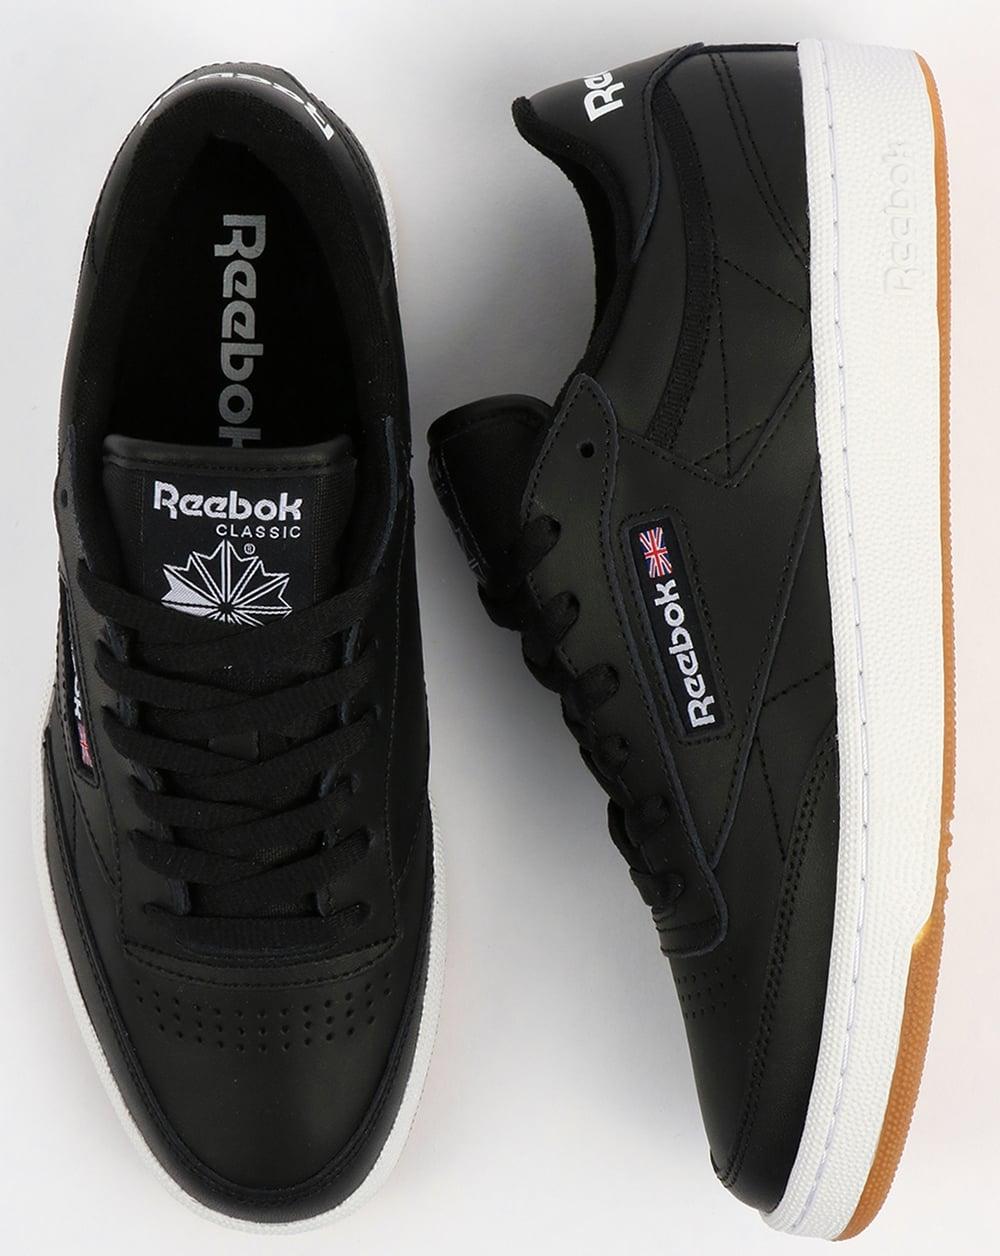 reebok club c 85 trainers black white gum shoes tennis low